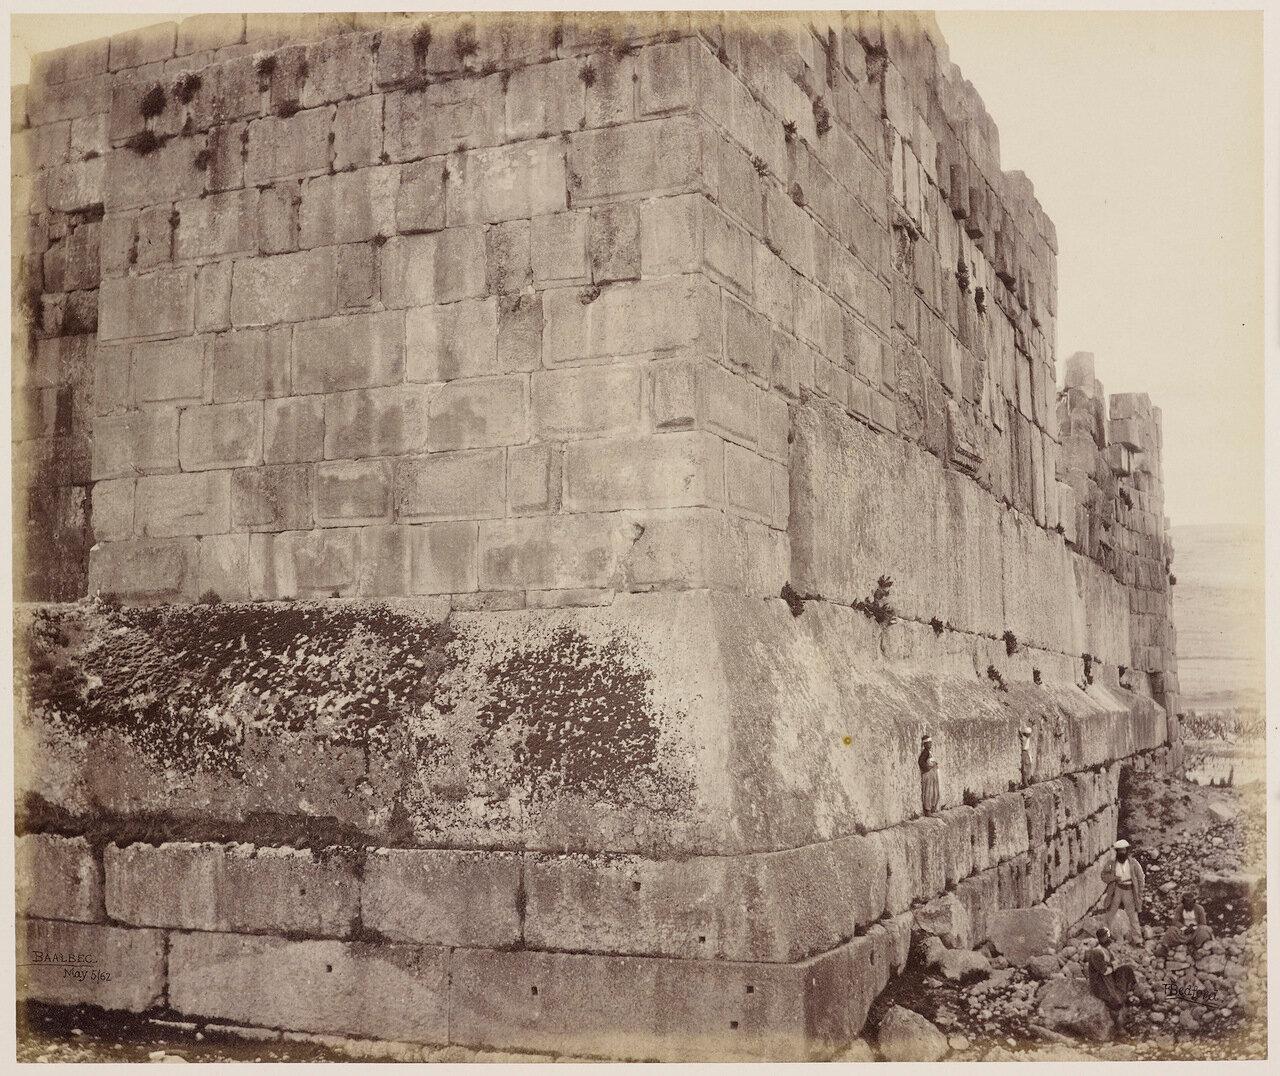 3 мая 1862. Северо-западный угол внешней стены храма, Баальбек